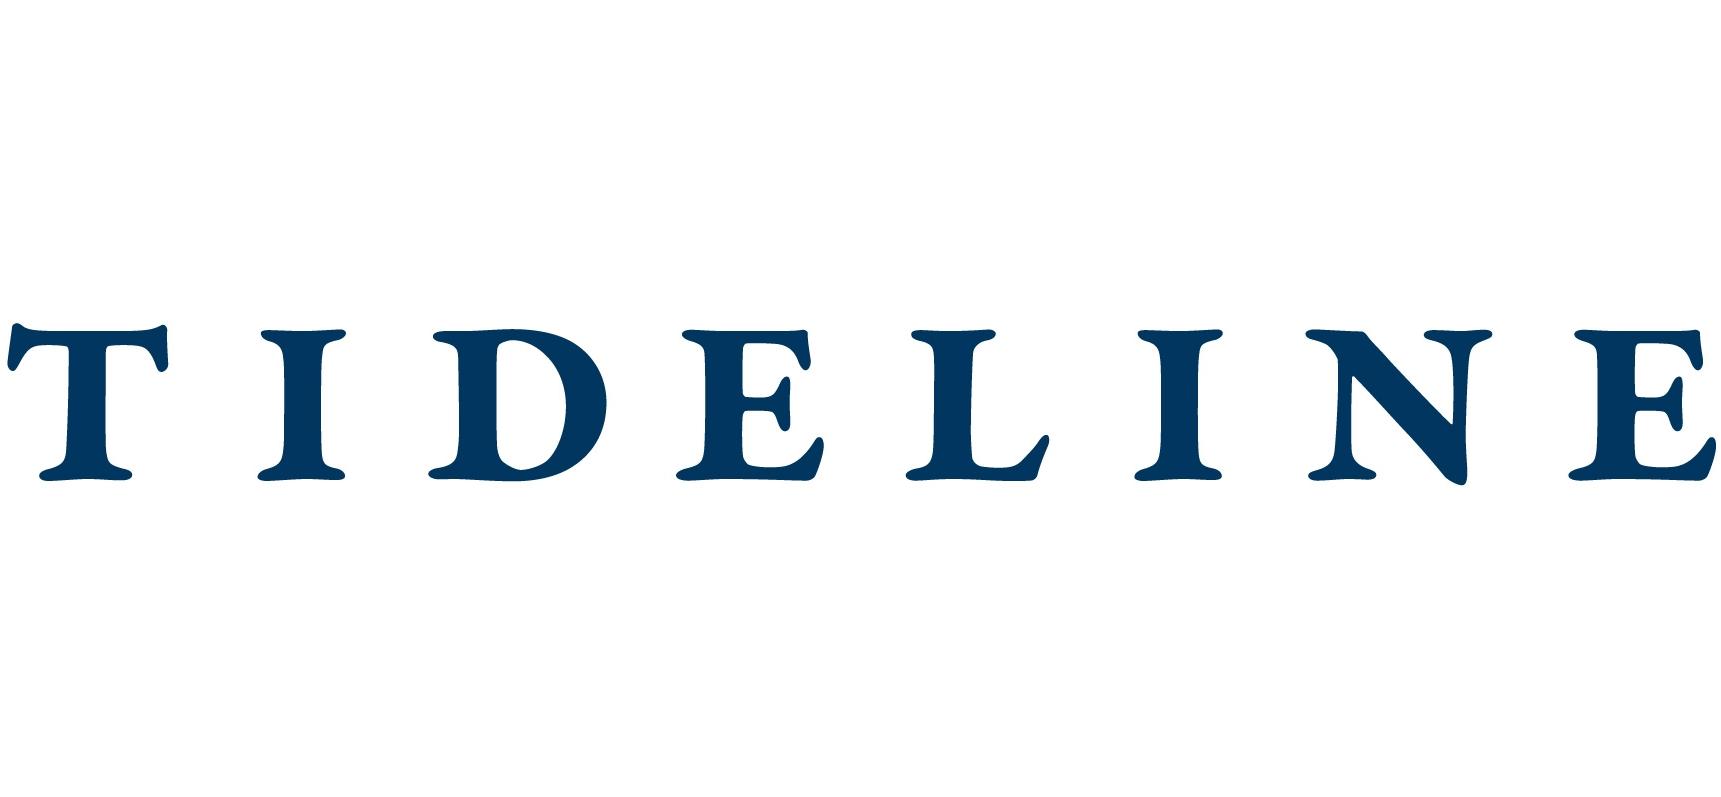 Tideline-logo_web-copy.jpg